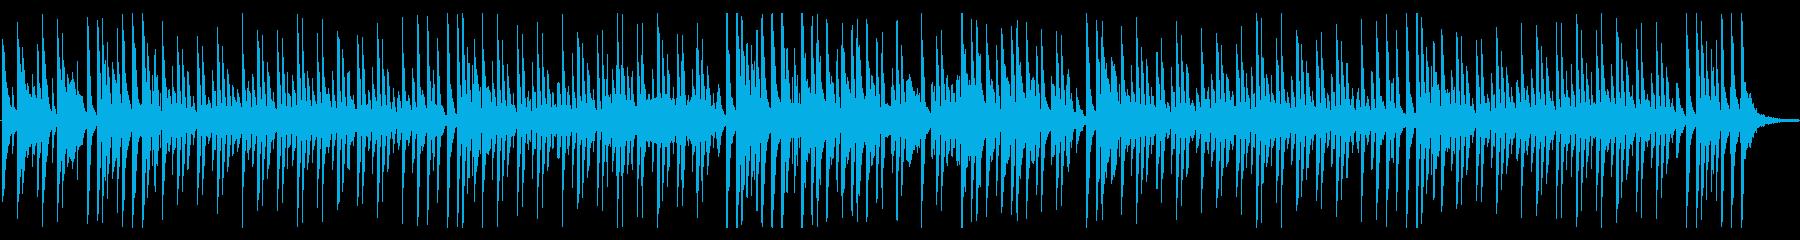 ほのぼの日常、コミカルでルンルンな曲Bの再生済みの波形